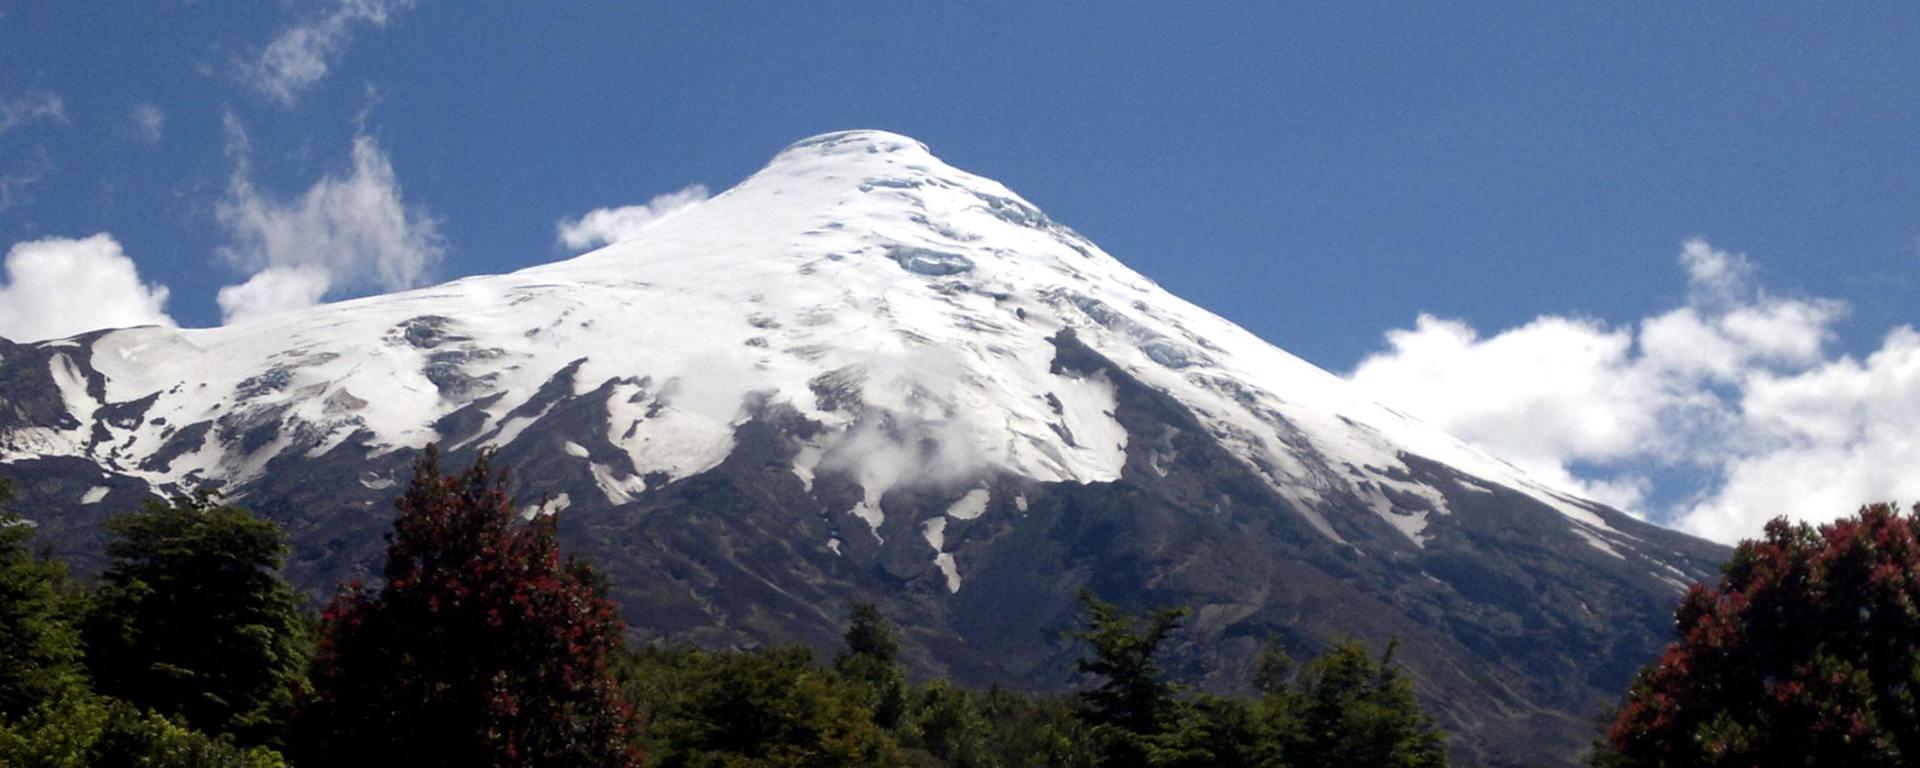 Volcan Osorno, Chile